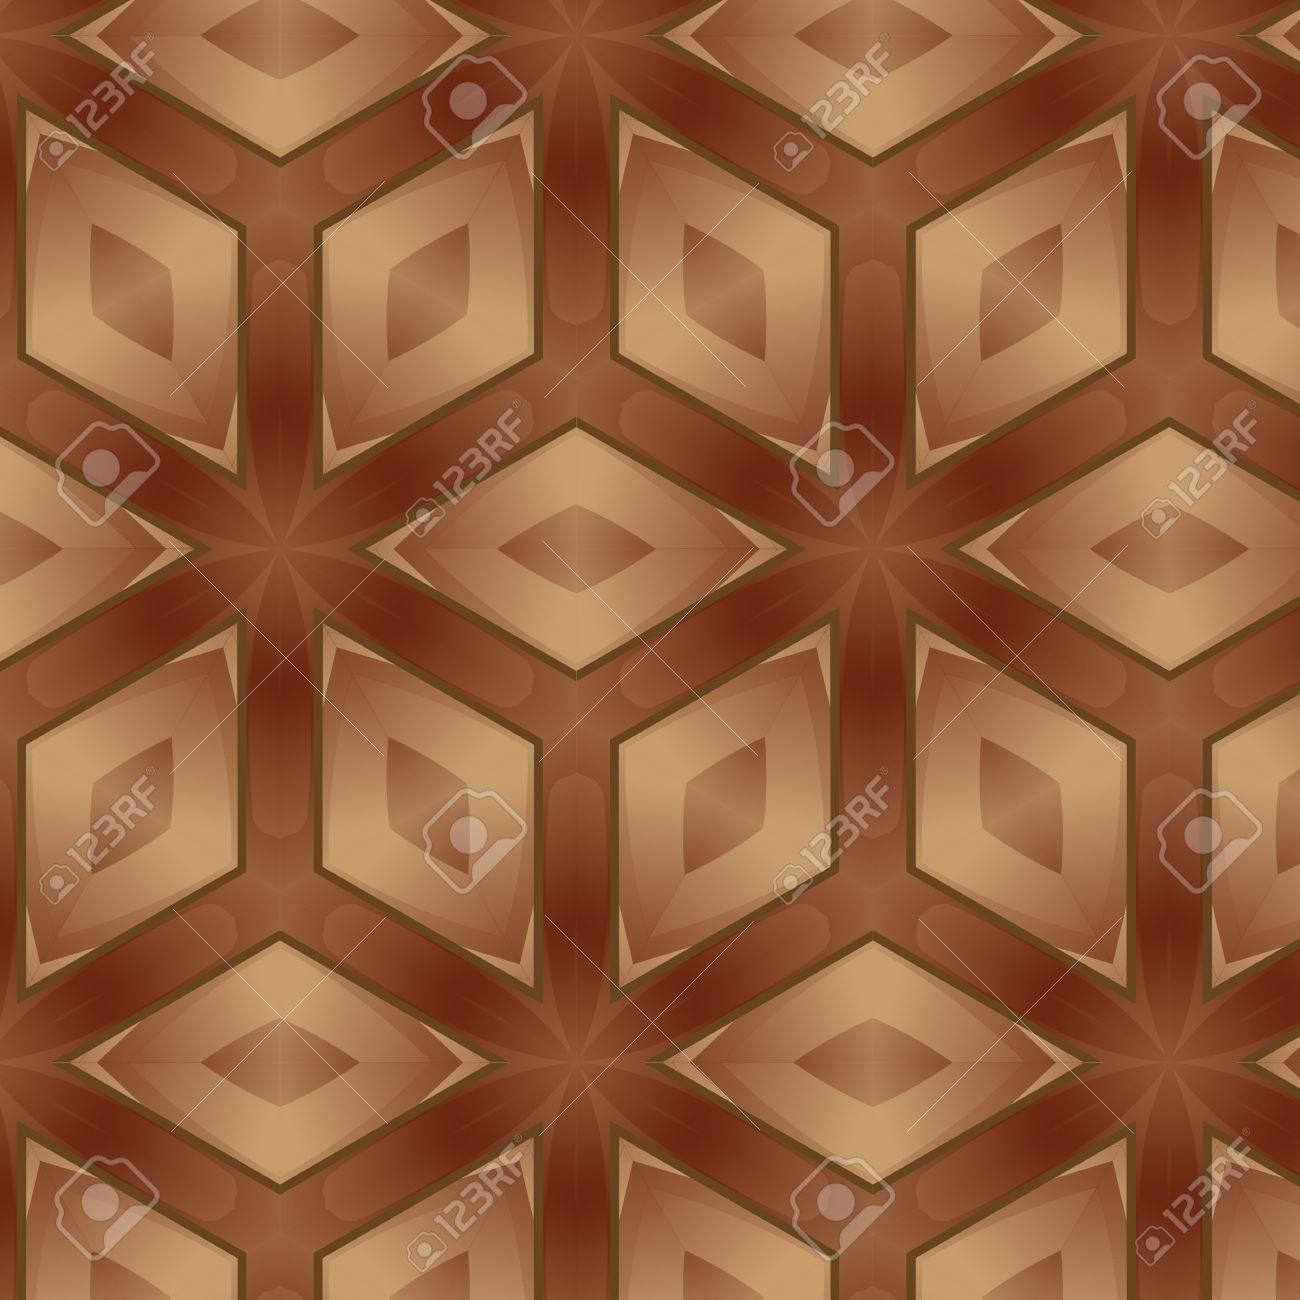 Mosaico Di Legno.Vari Legno Pavimenti In Piastrelle E Costituito Da Sfondo Di Mosaico